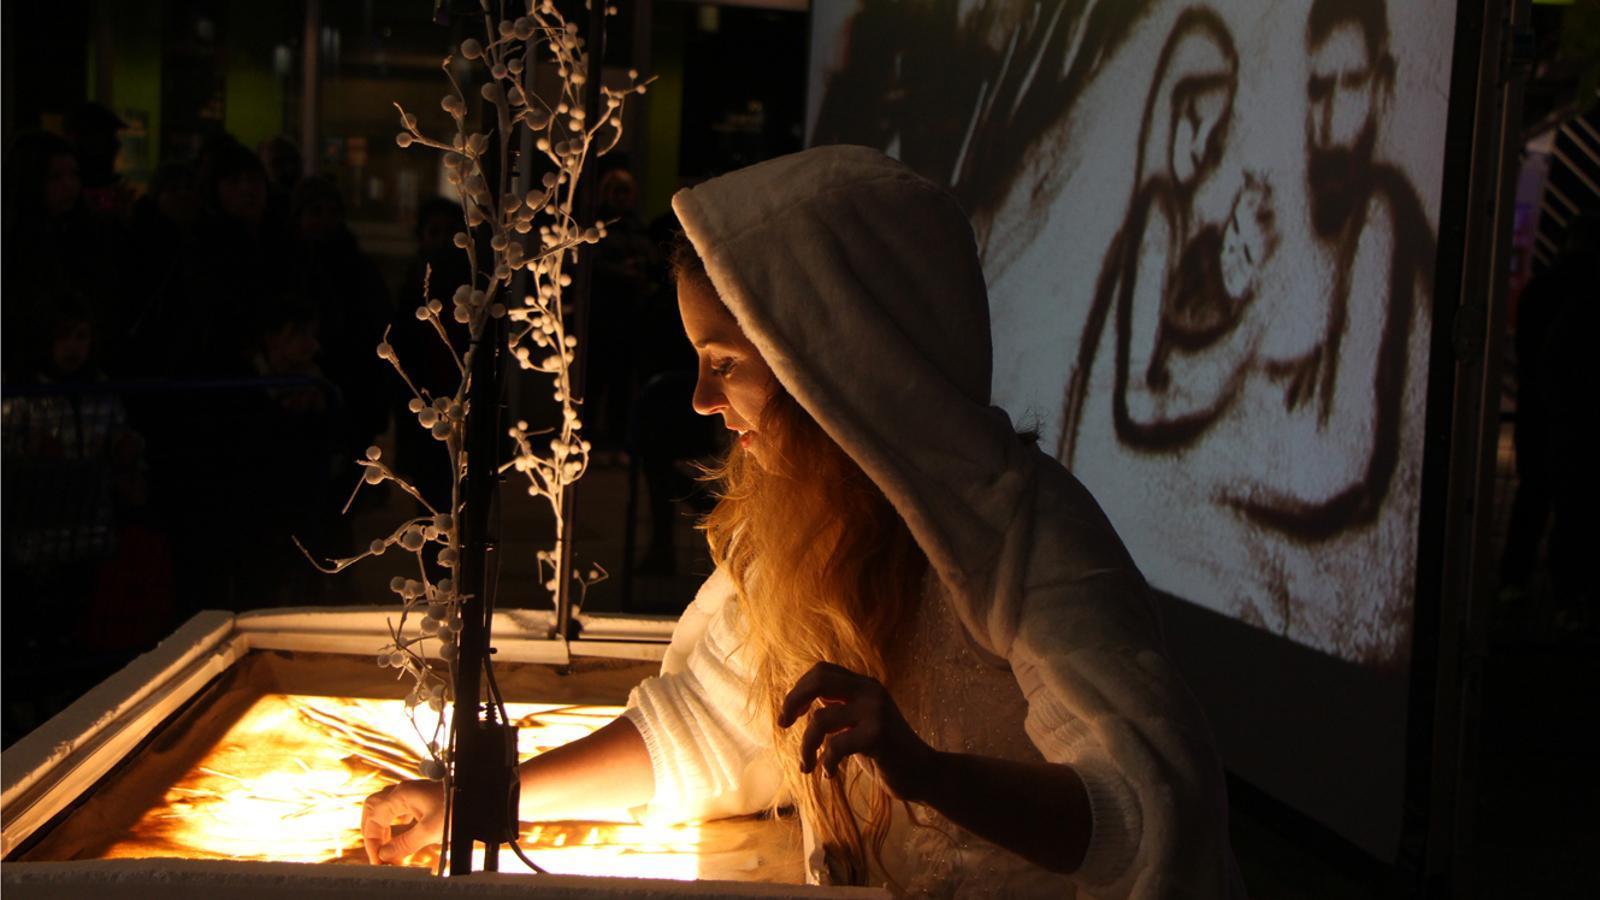 Un moment del conte 'La Rondalla màgica', explicat amb la tècnica del Sant Art per Didi Rodan. / L. M. (ANA)